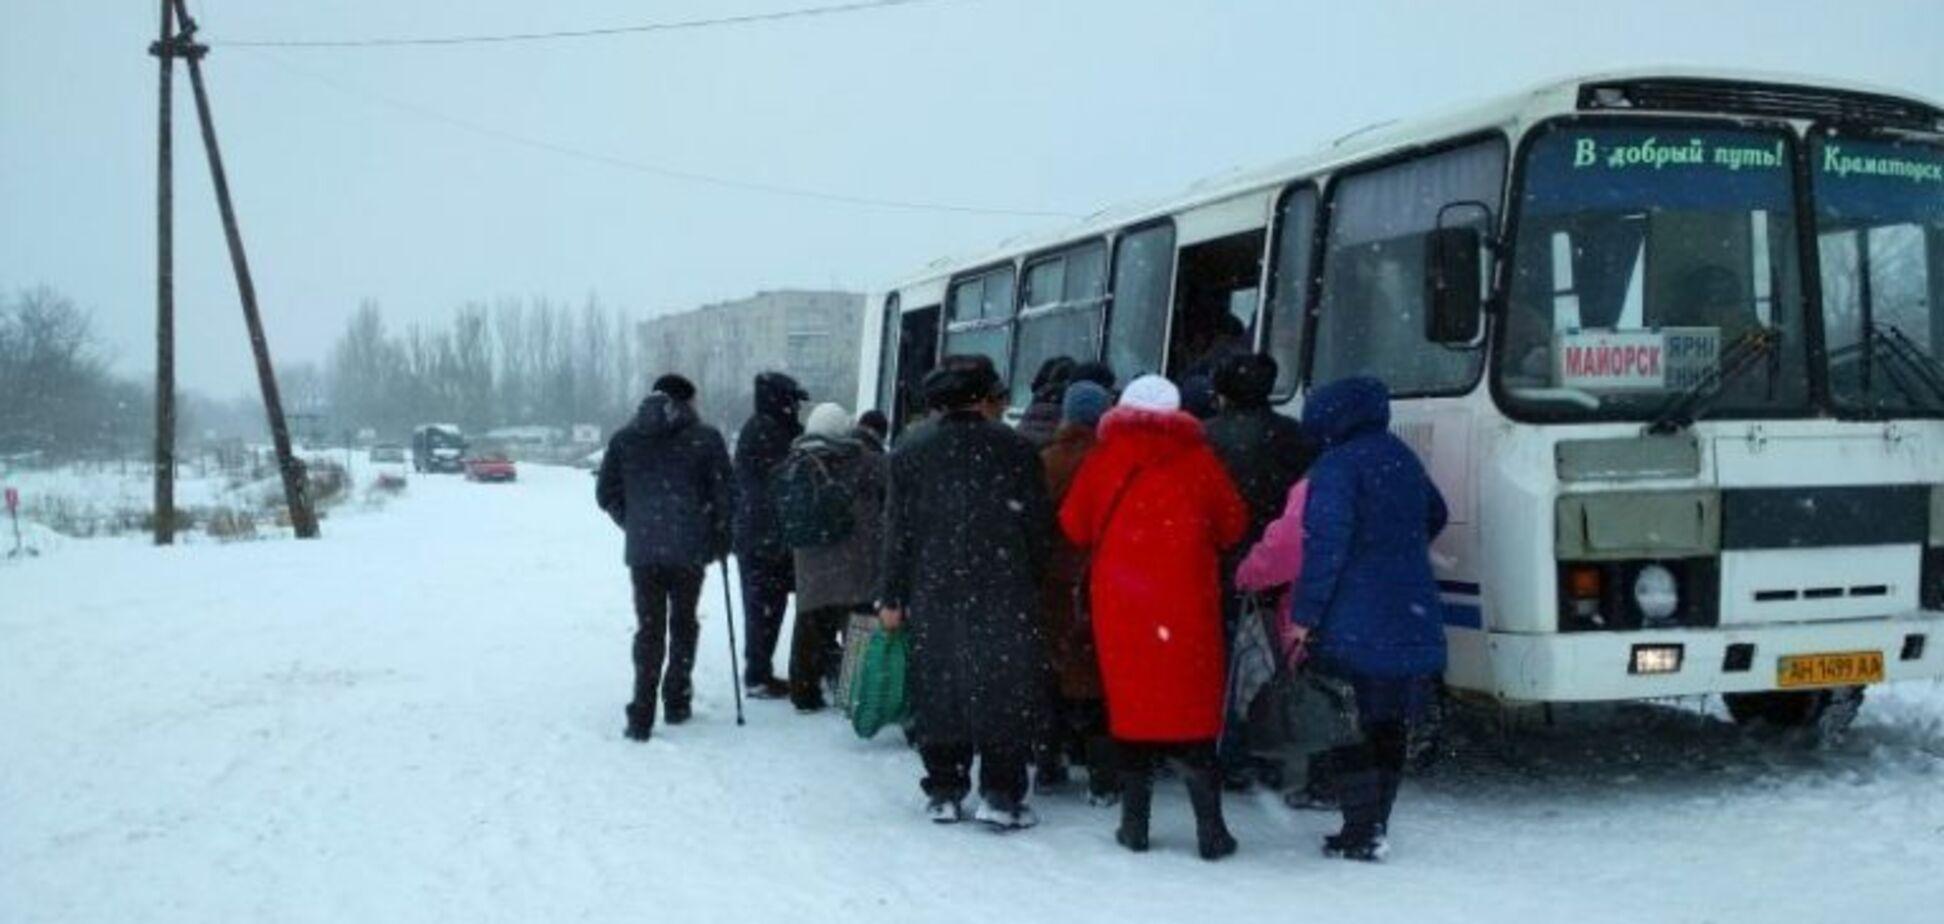 Переселенцы начали возвращаться на Донбасс: юрист назвал две причины